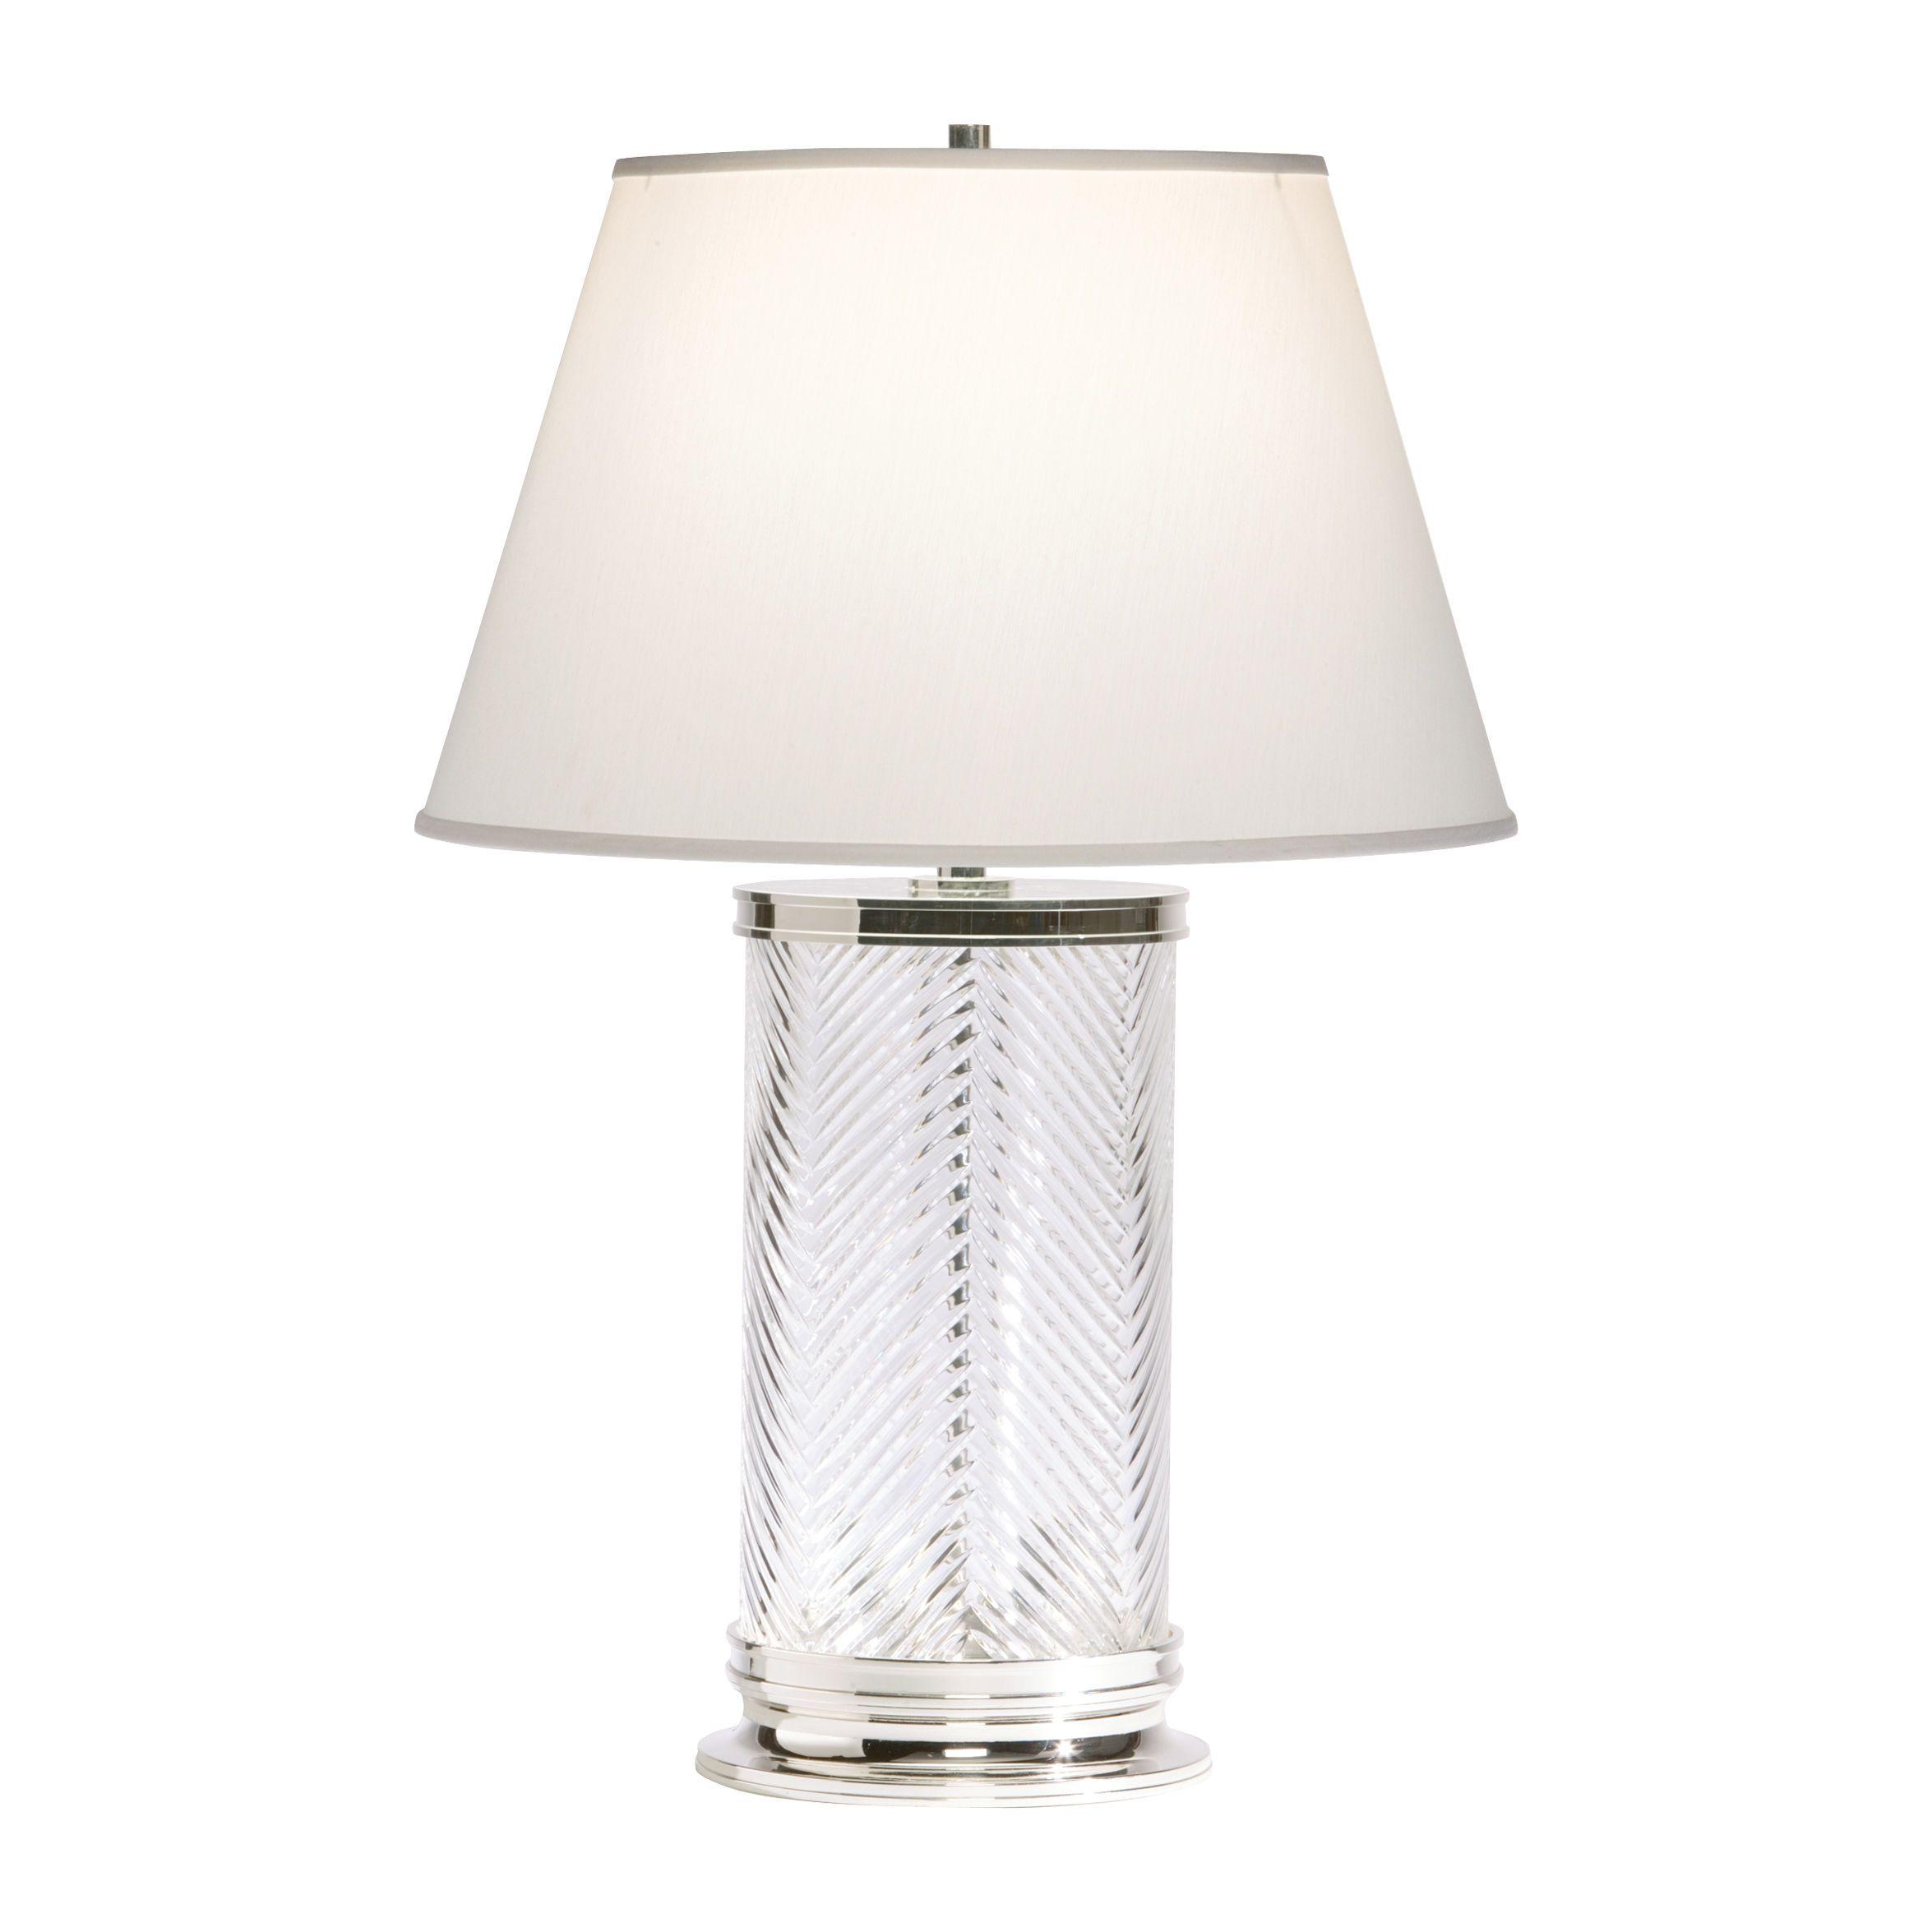 Herringbone Crystal Table Lamp   Ethan Allen US. Herringbone Crystal Table Lamp   Ethan Allen US   Lamps